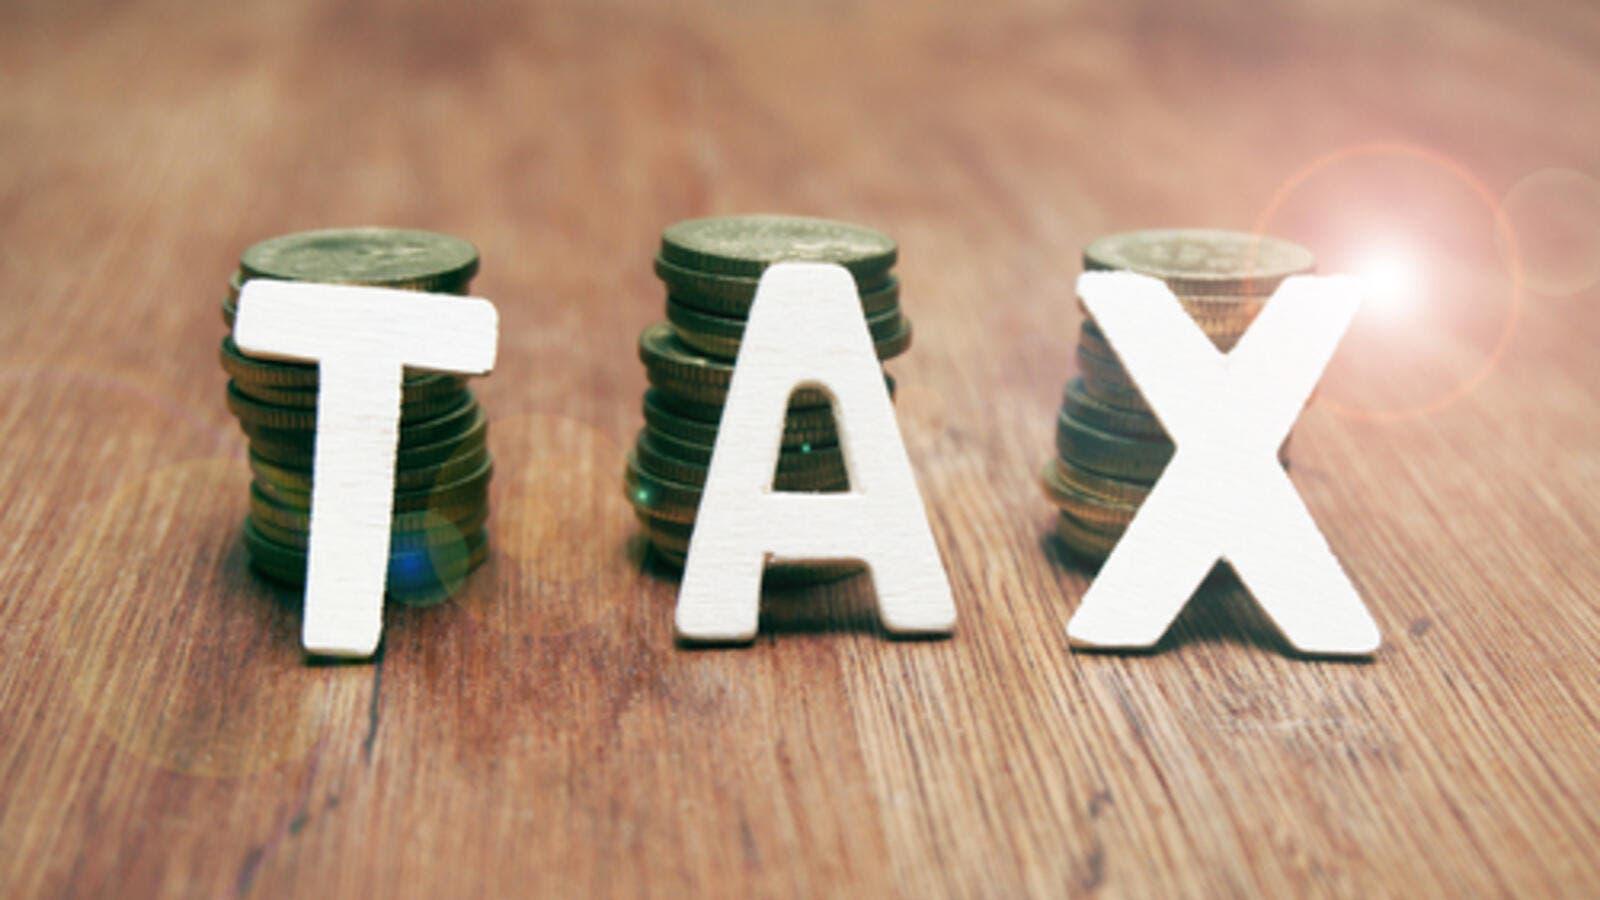 السعودية ستطبق Tax Free على السياح بعد العمل بـ القيمة المضافة